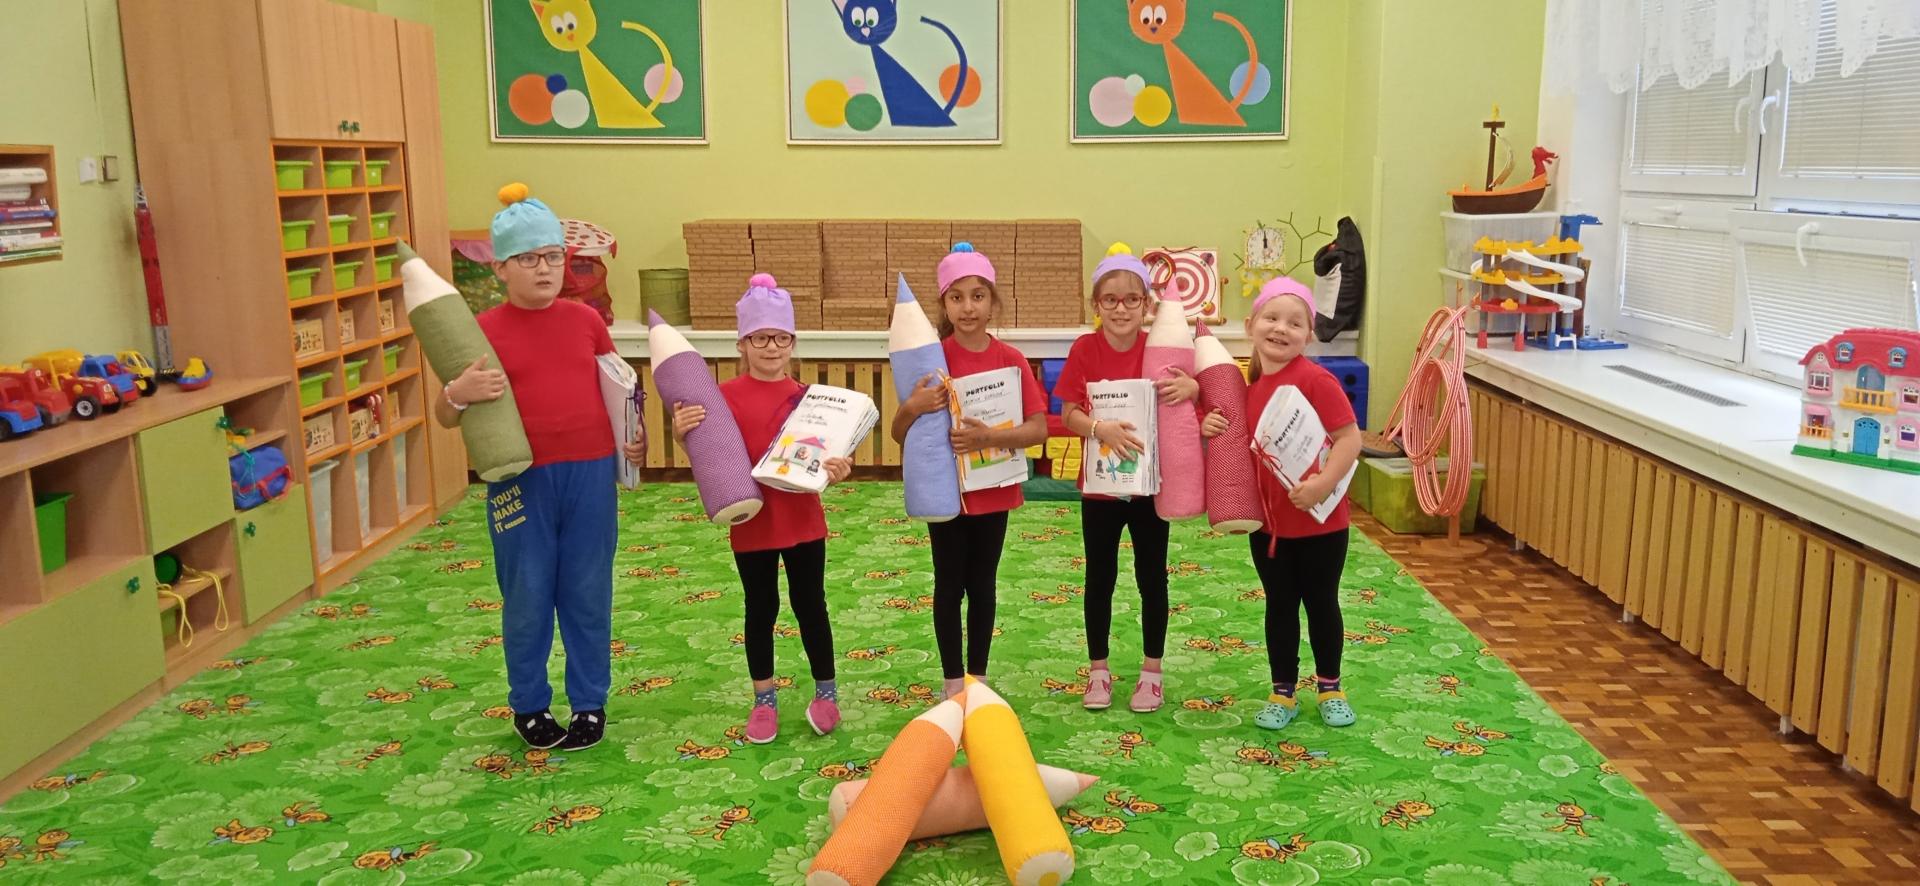 Předškoláci s dárky